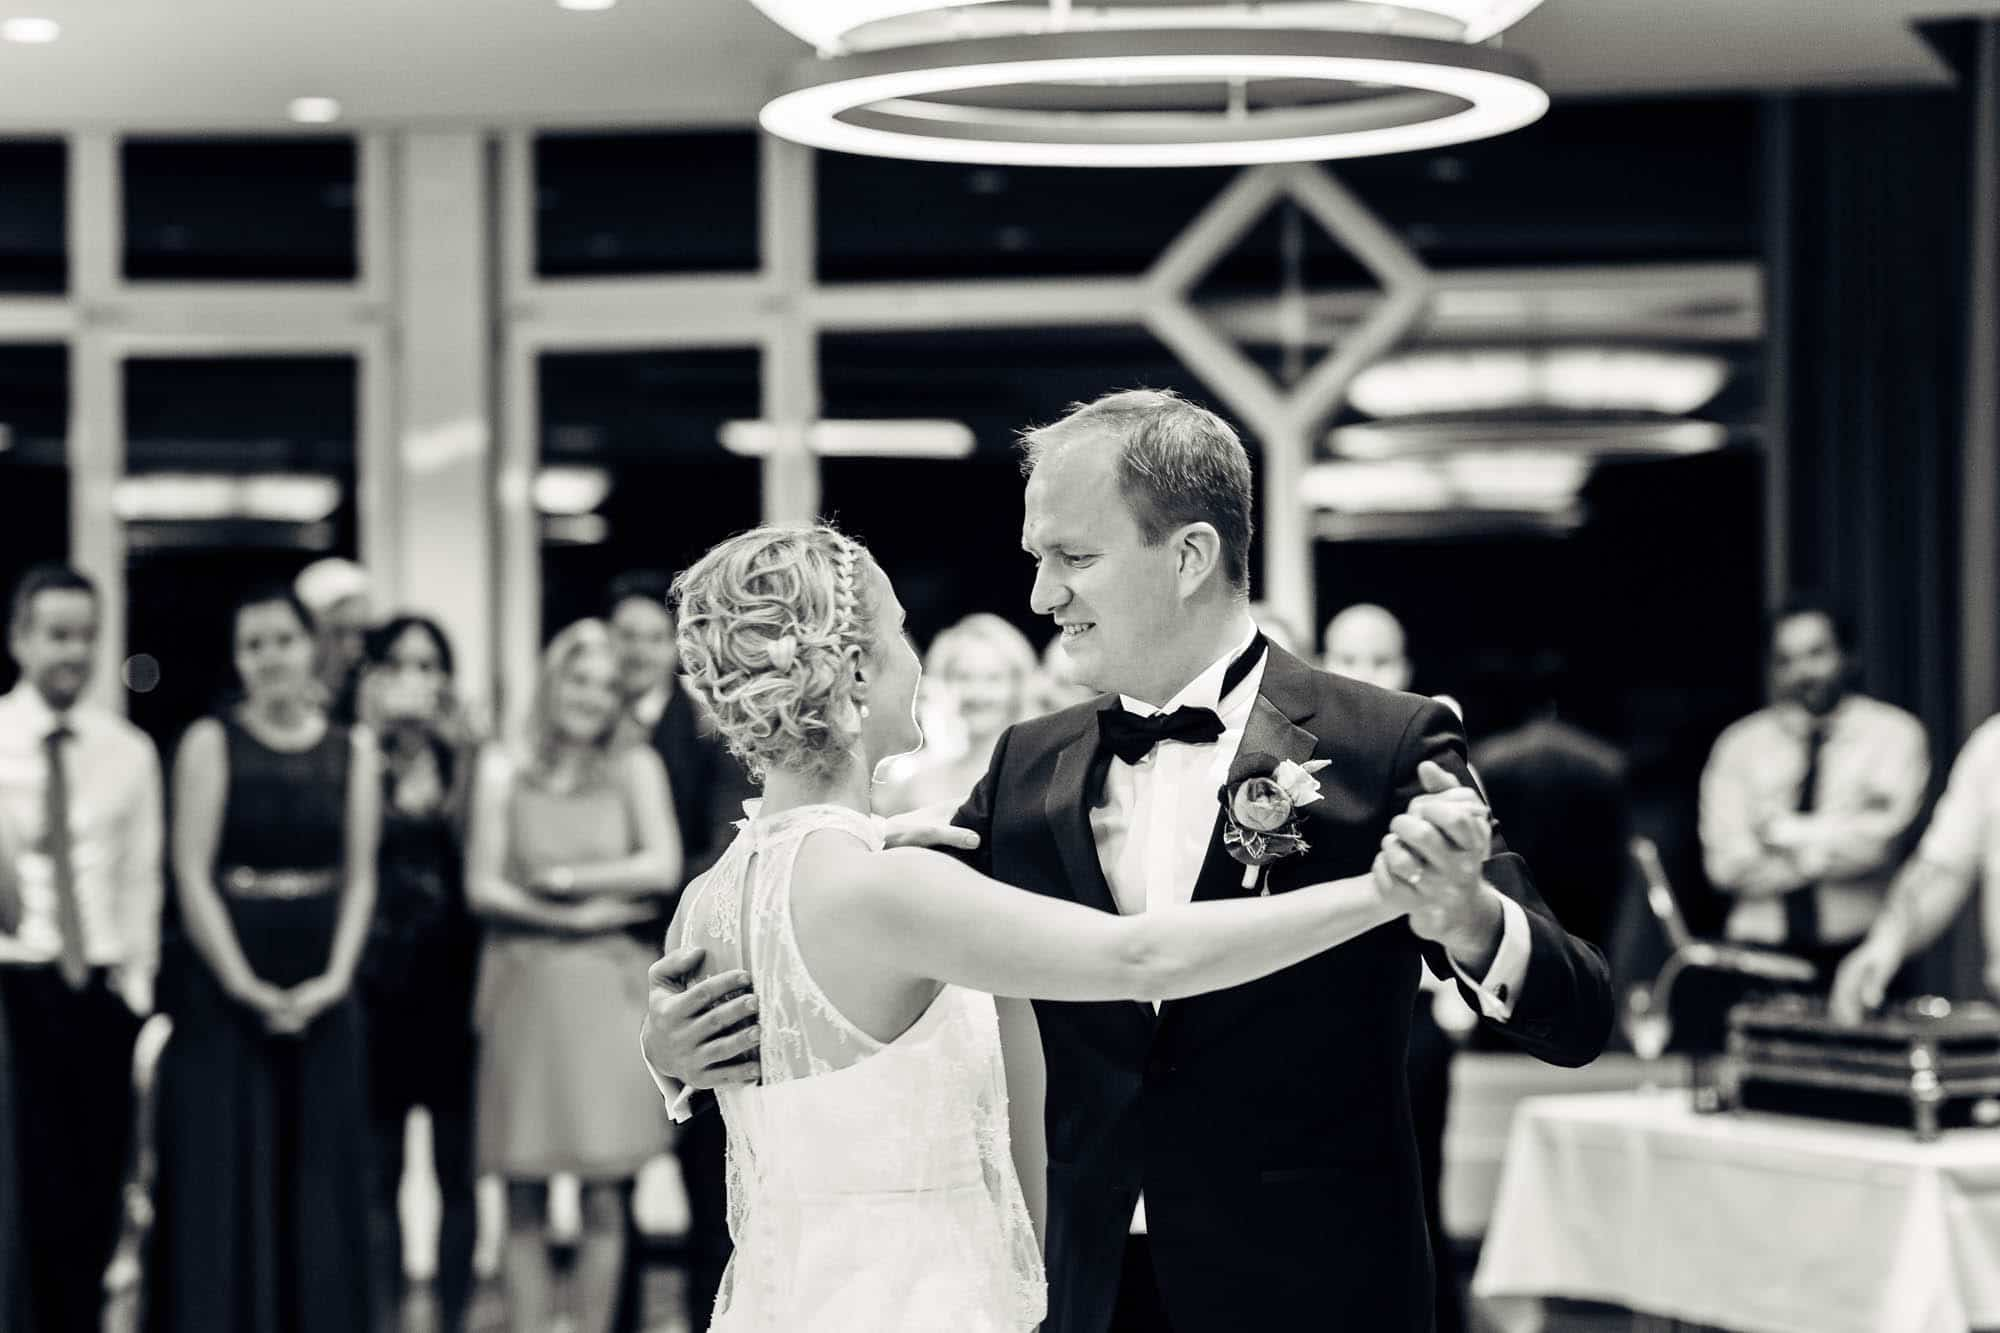 Hochzeitsfest von Fabienne und Mark im Seminarhotel Ägeri vom 19. September 2015.